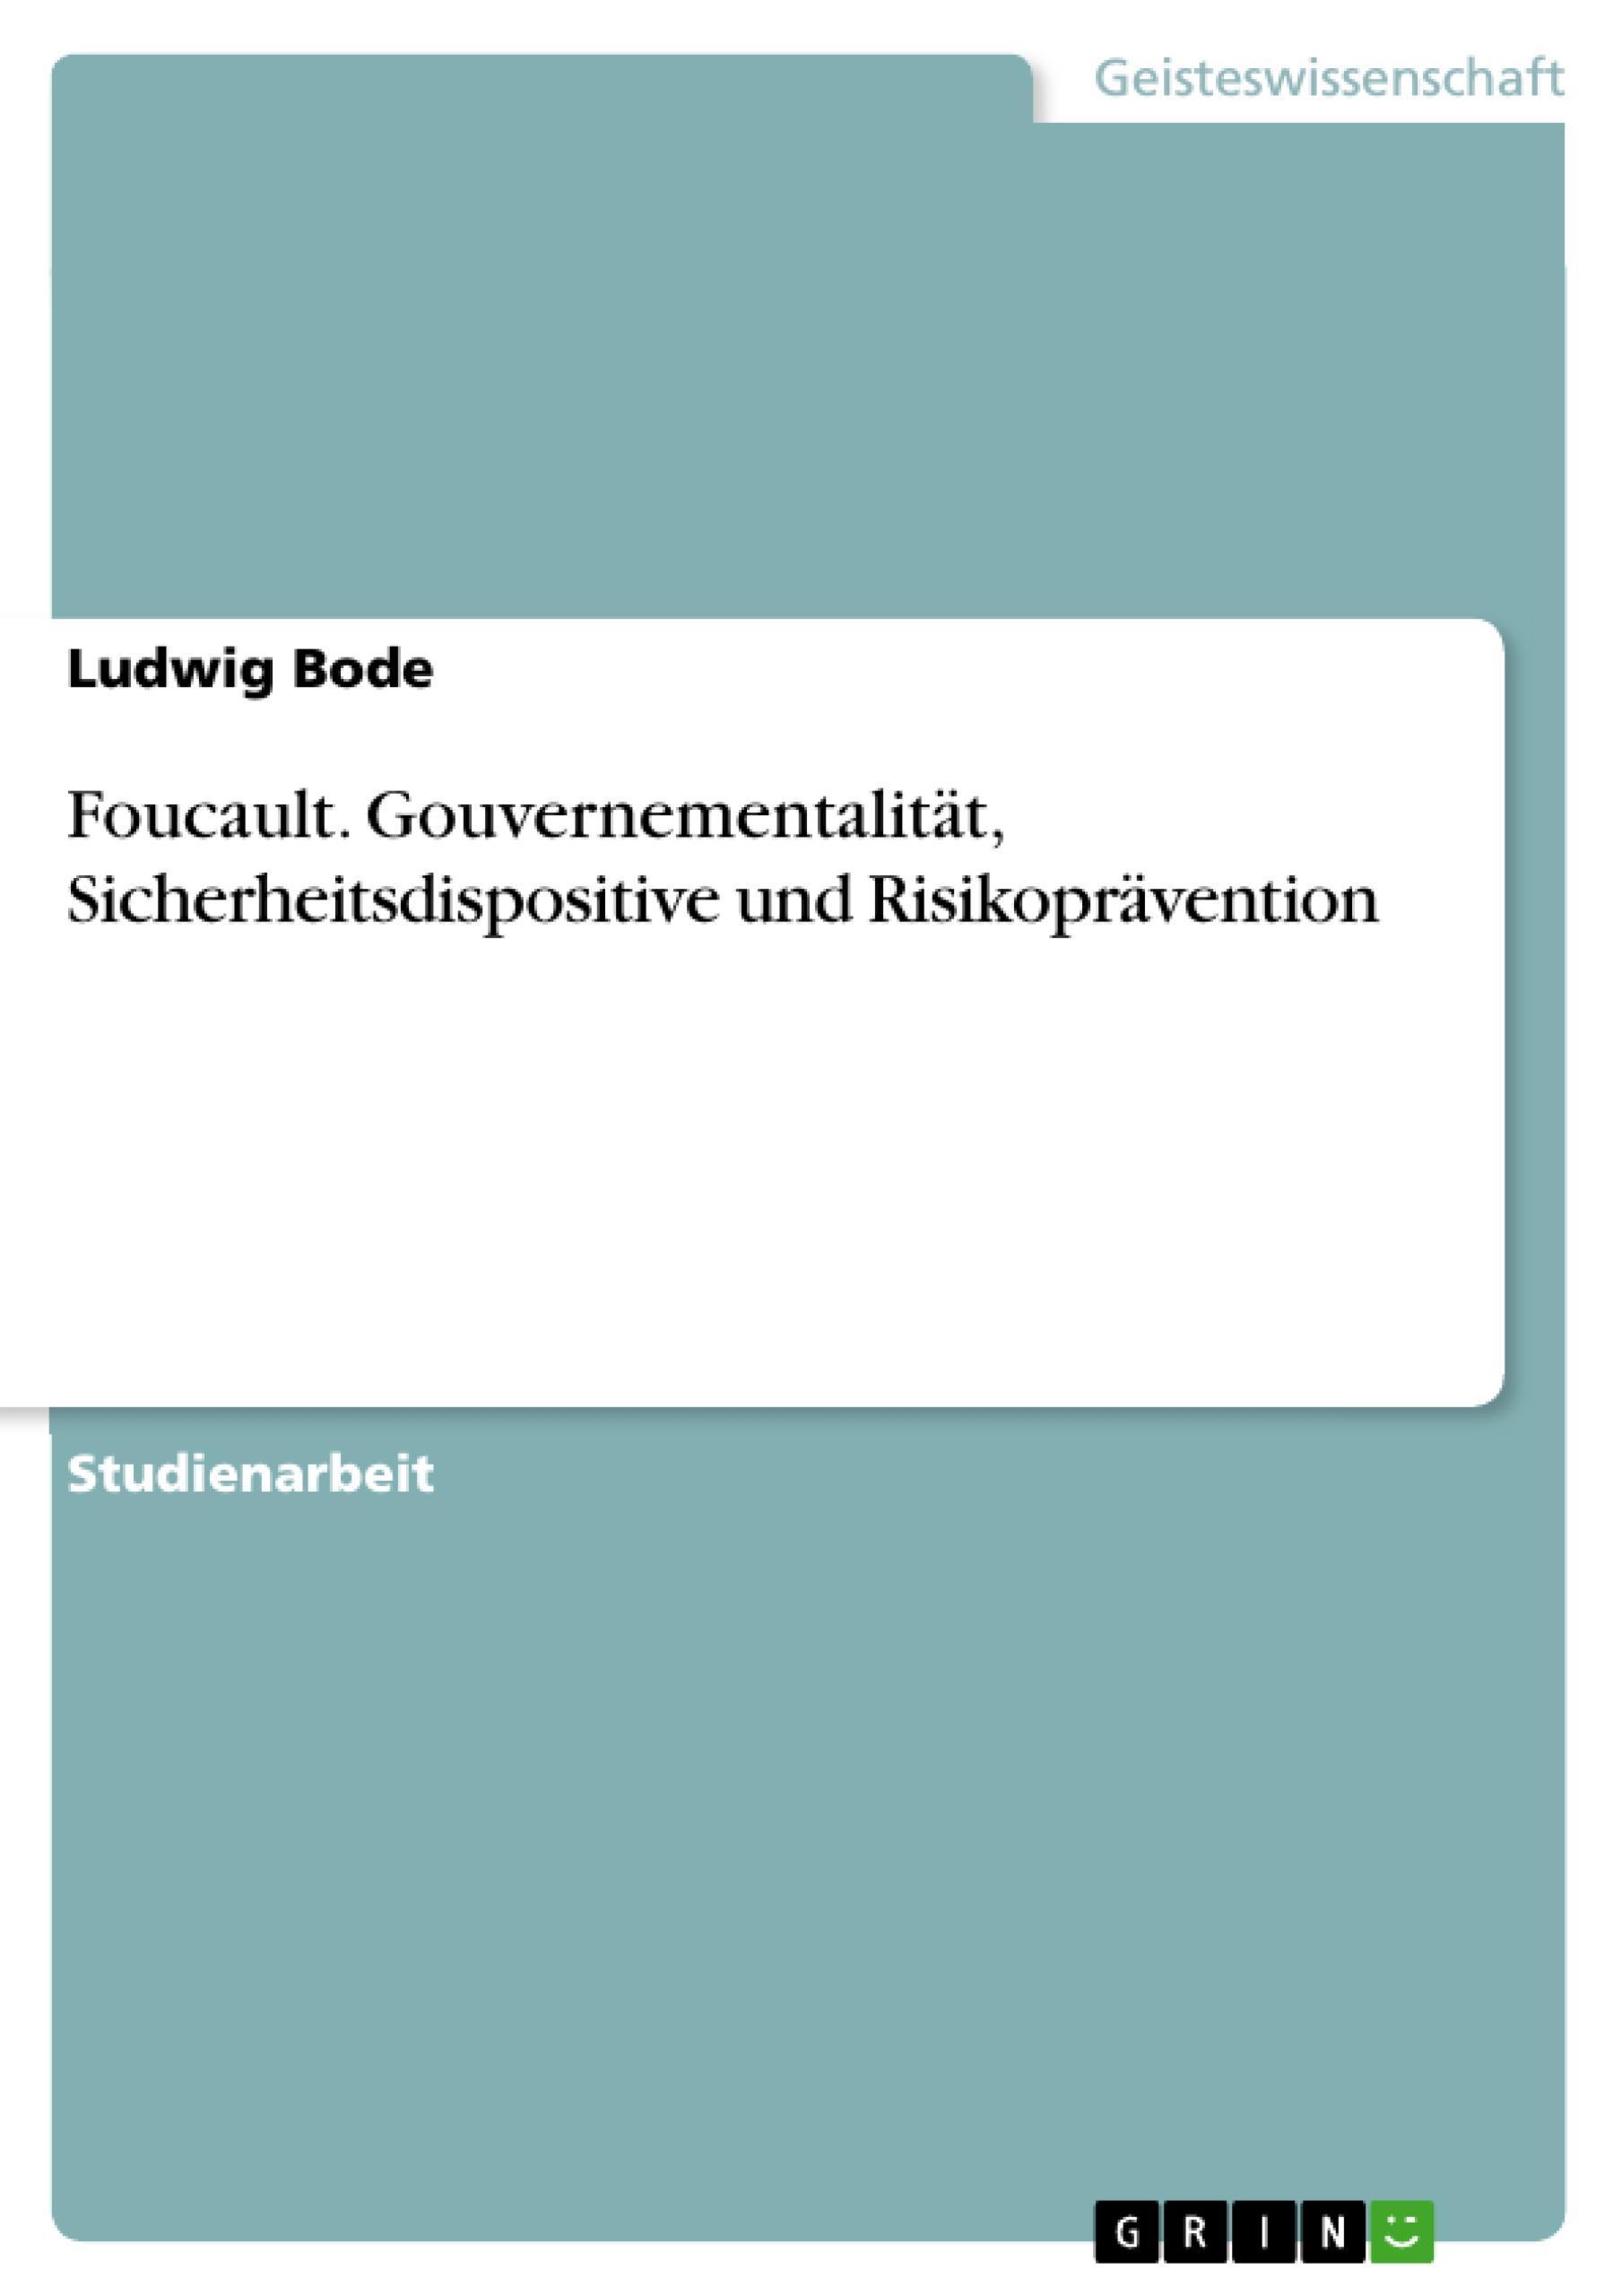 Foucault. Gouvernementalität, Sicherheitsdispositive und Risikoprävention L ...